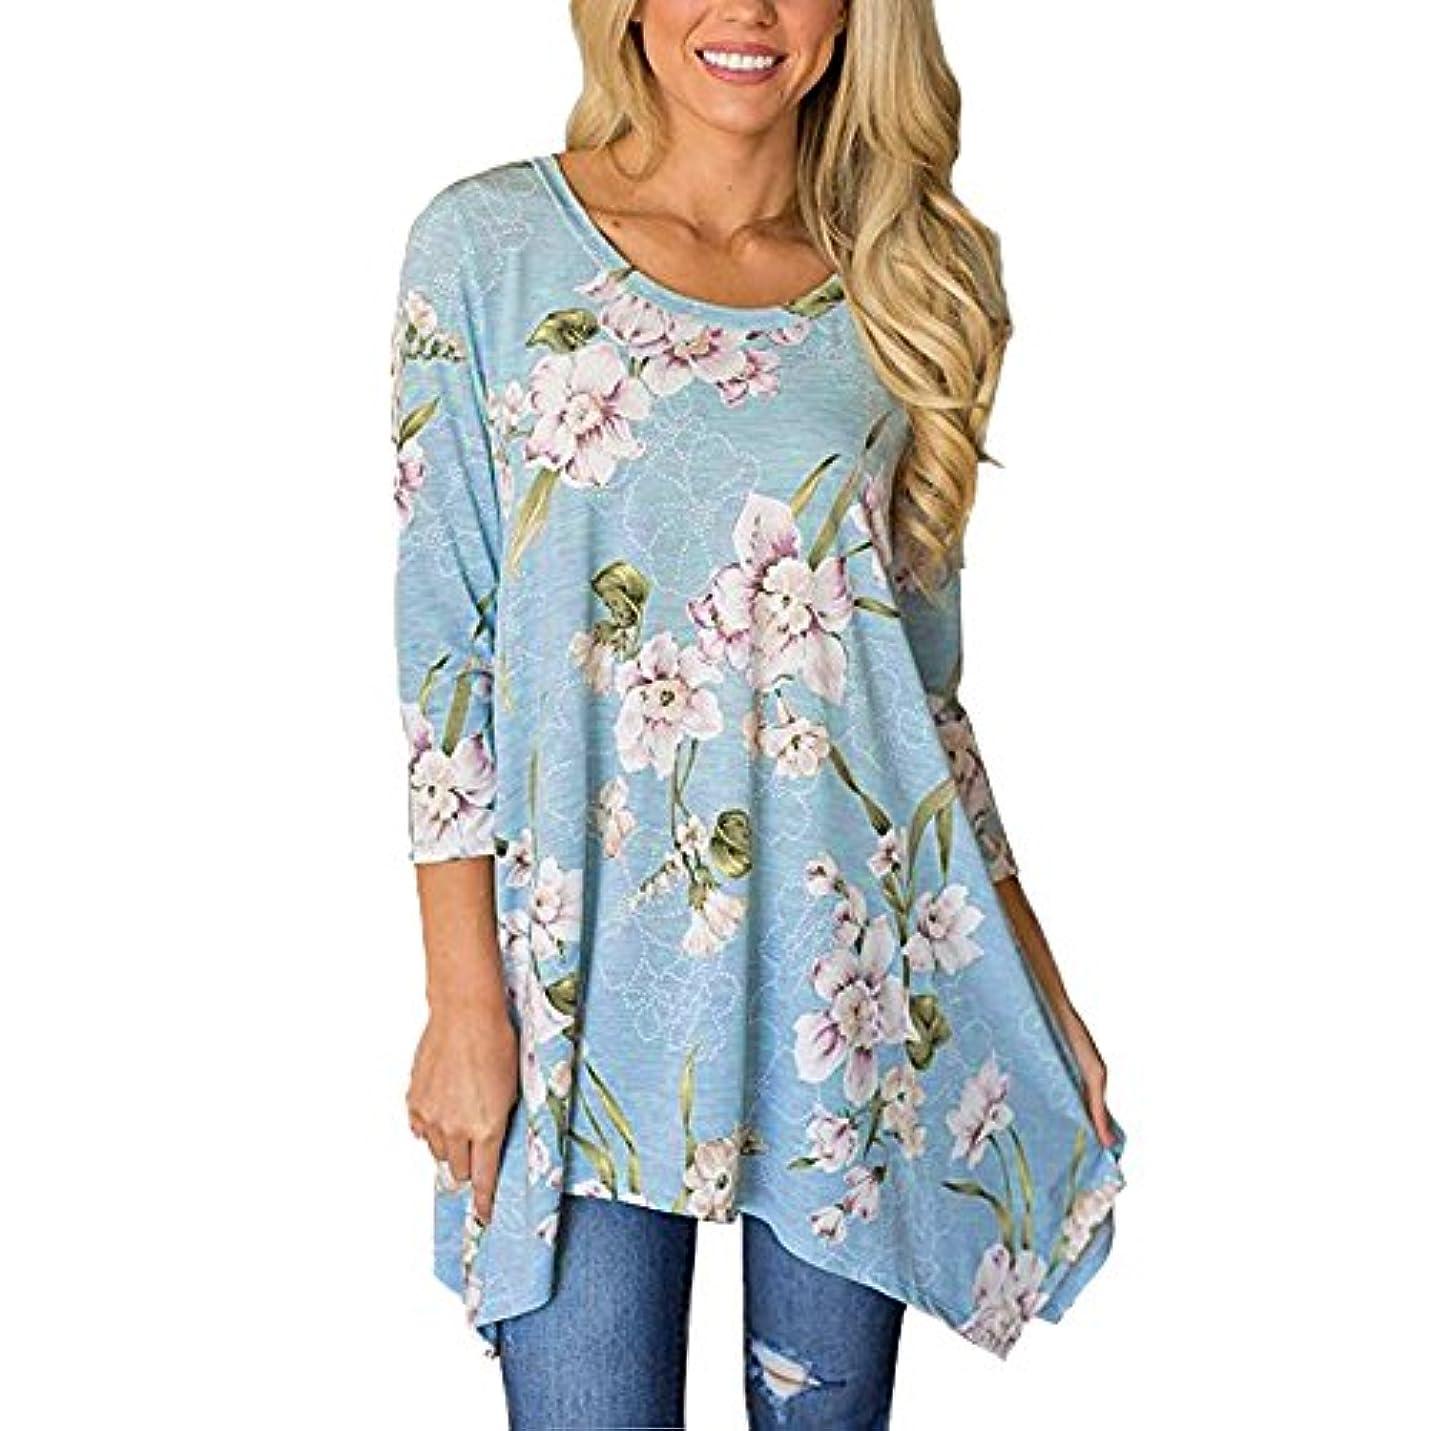 熱心な警告キラウエア山SakuraBest Women Loose Flowy Flowers Long Sleeve Tank T Shirts Tops Irregular Blouse